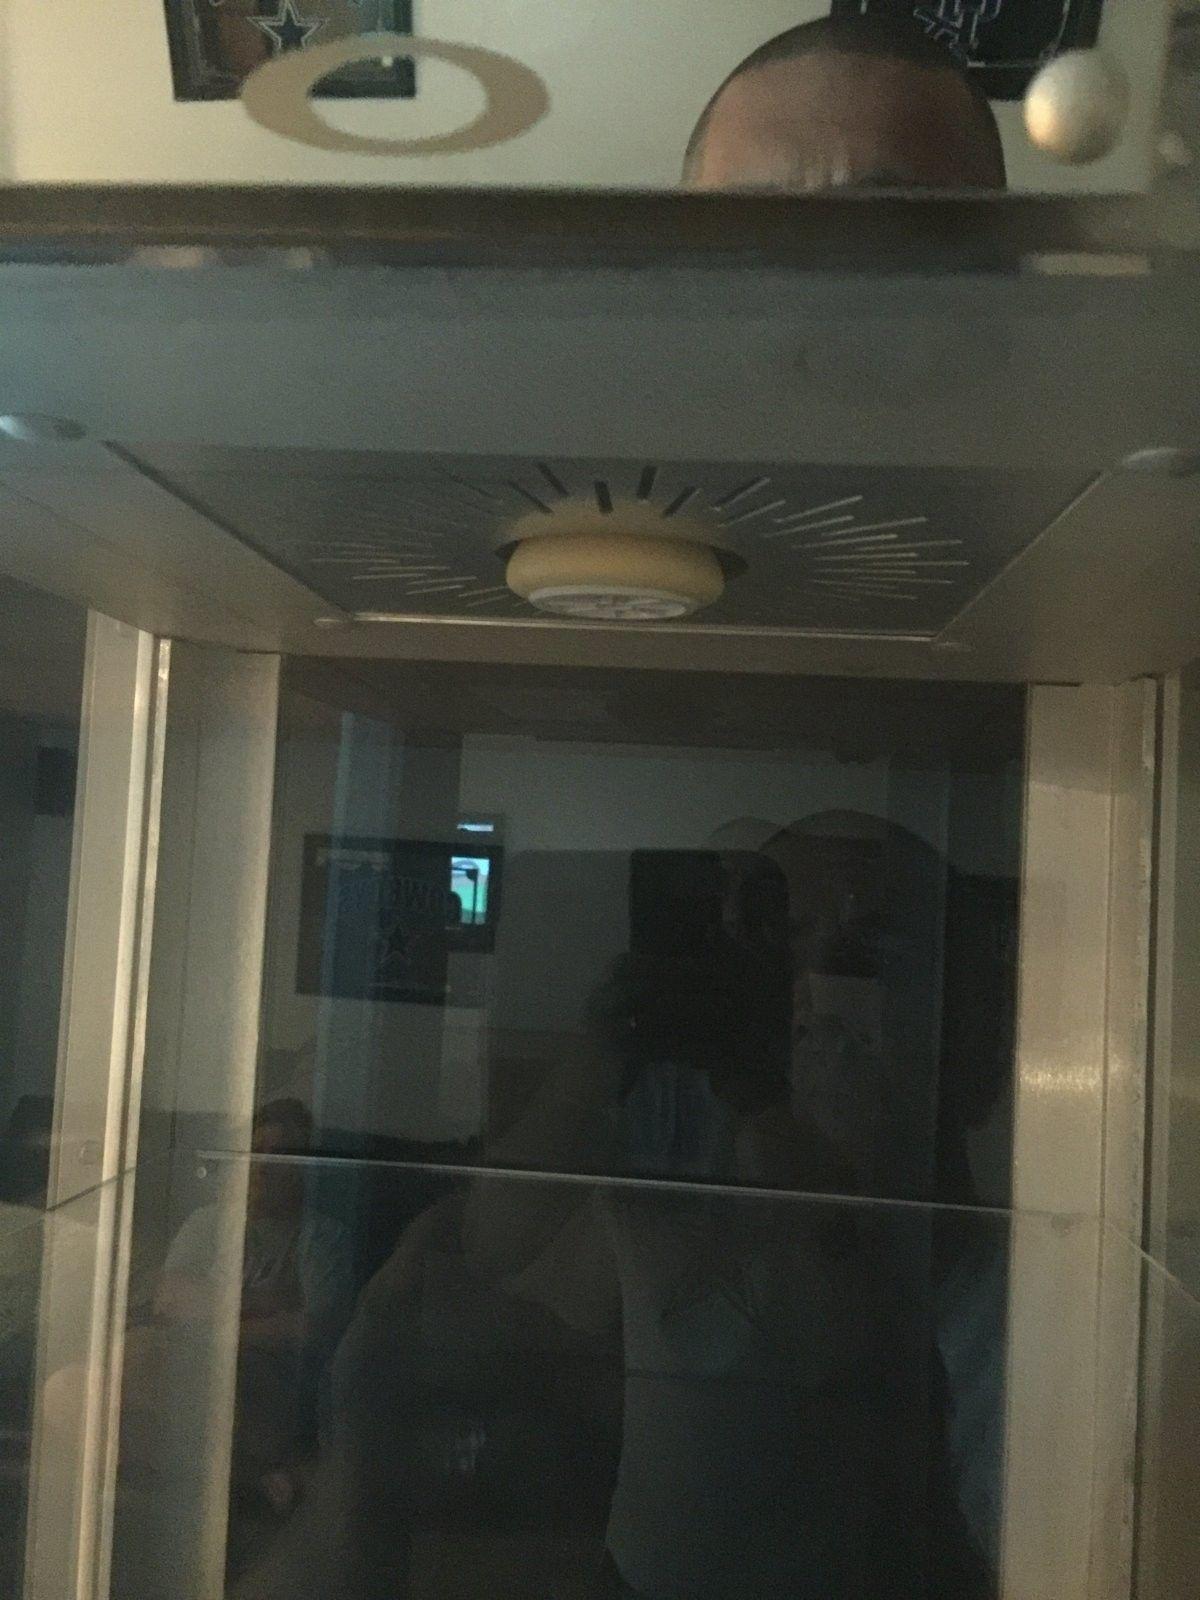 Lighting help - image.jpeg